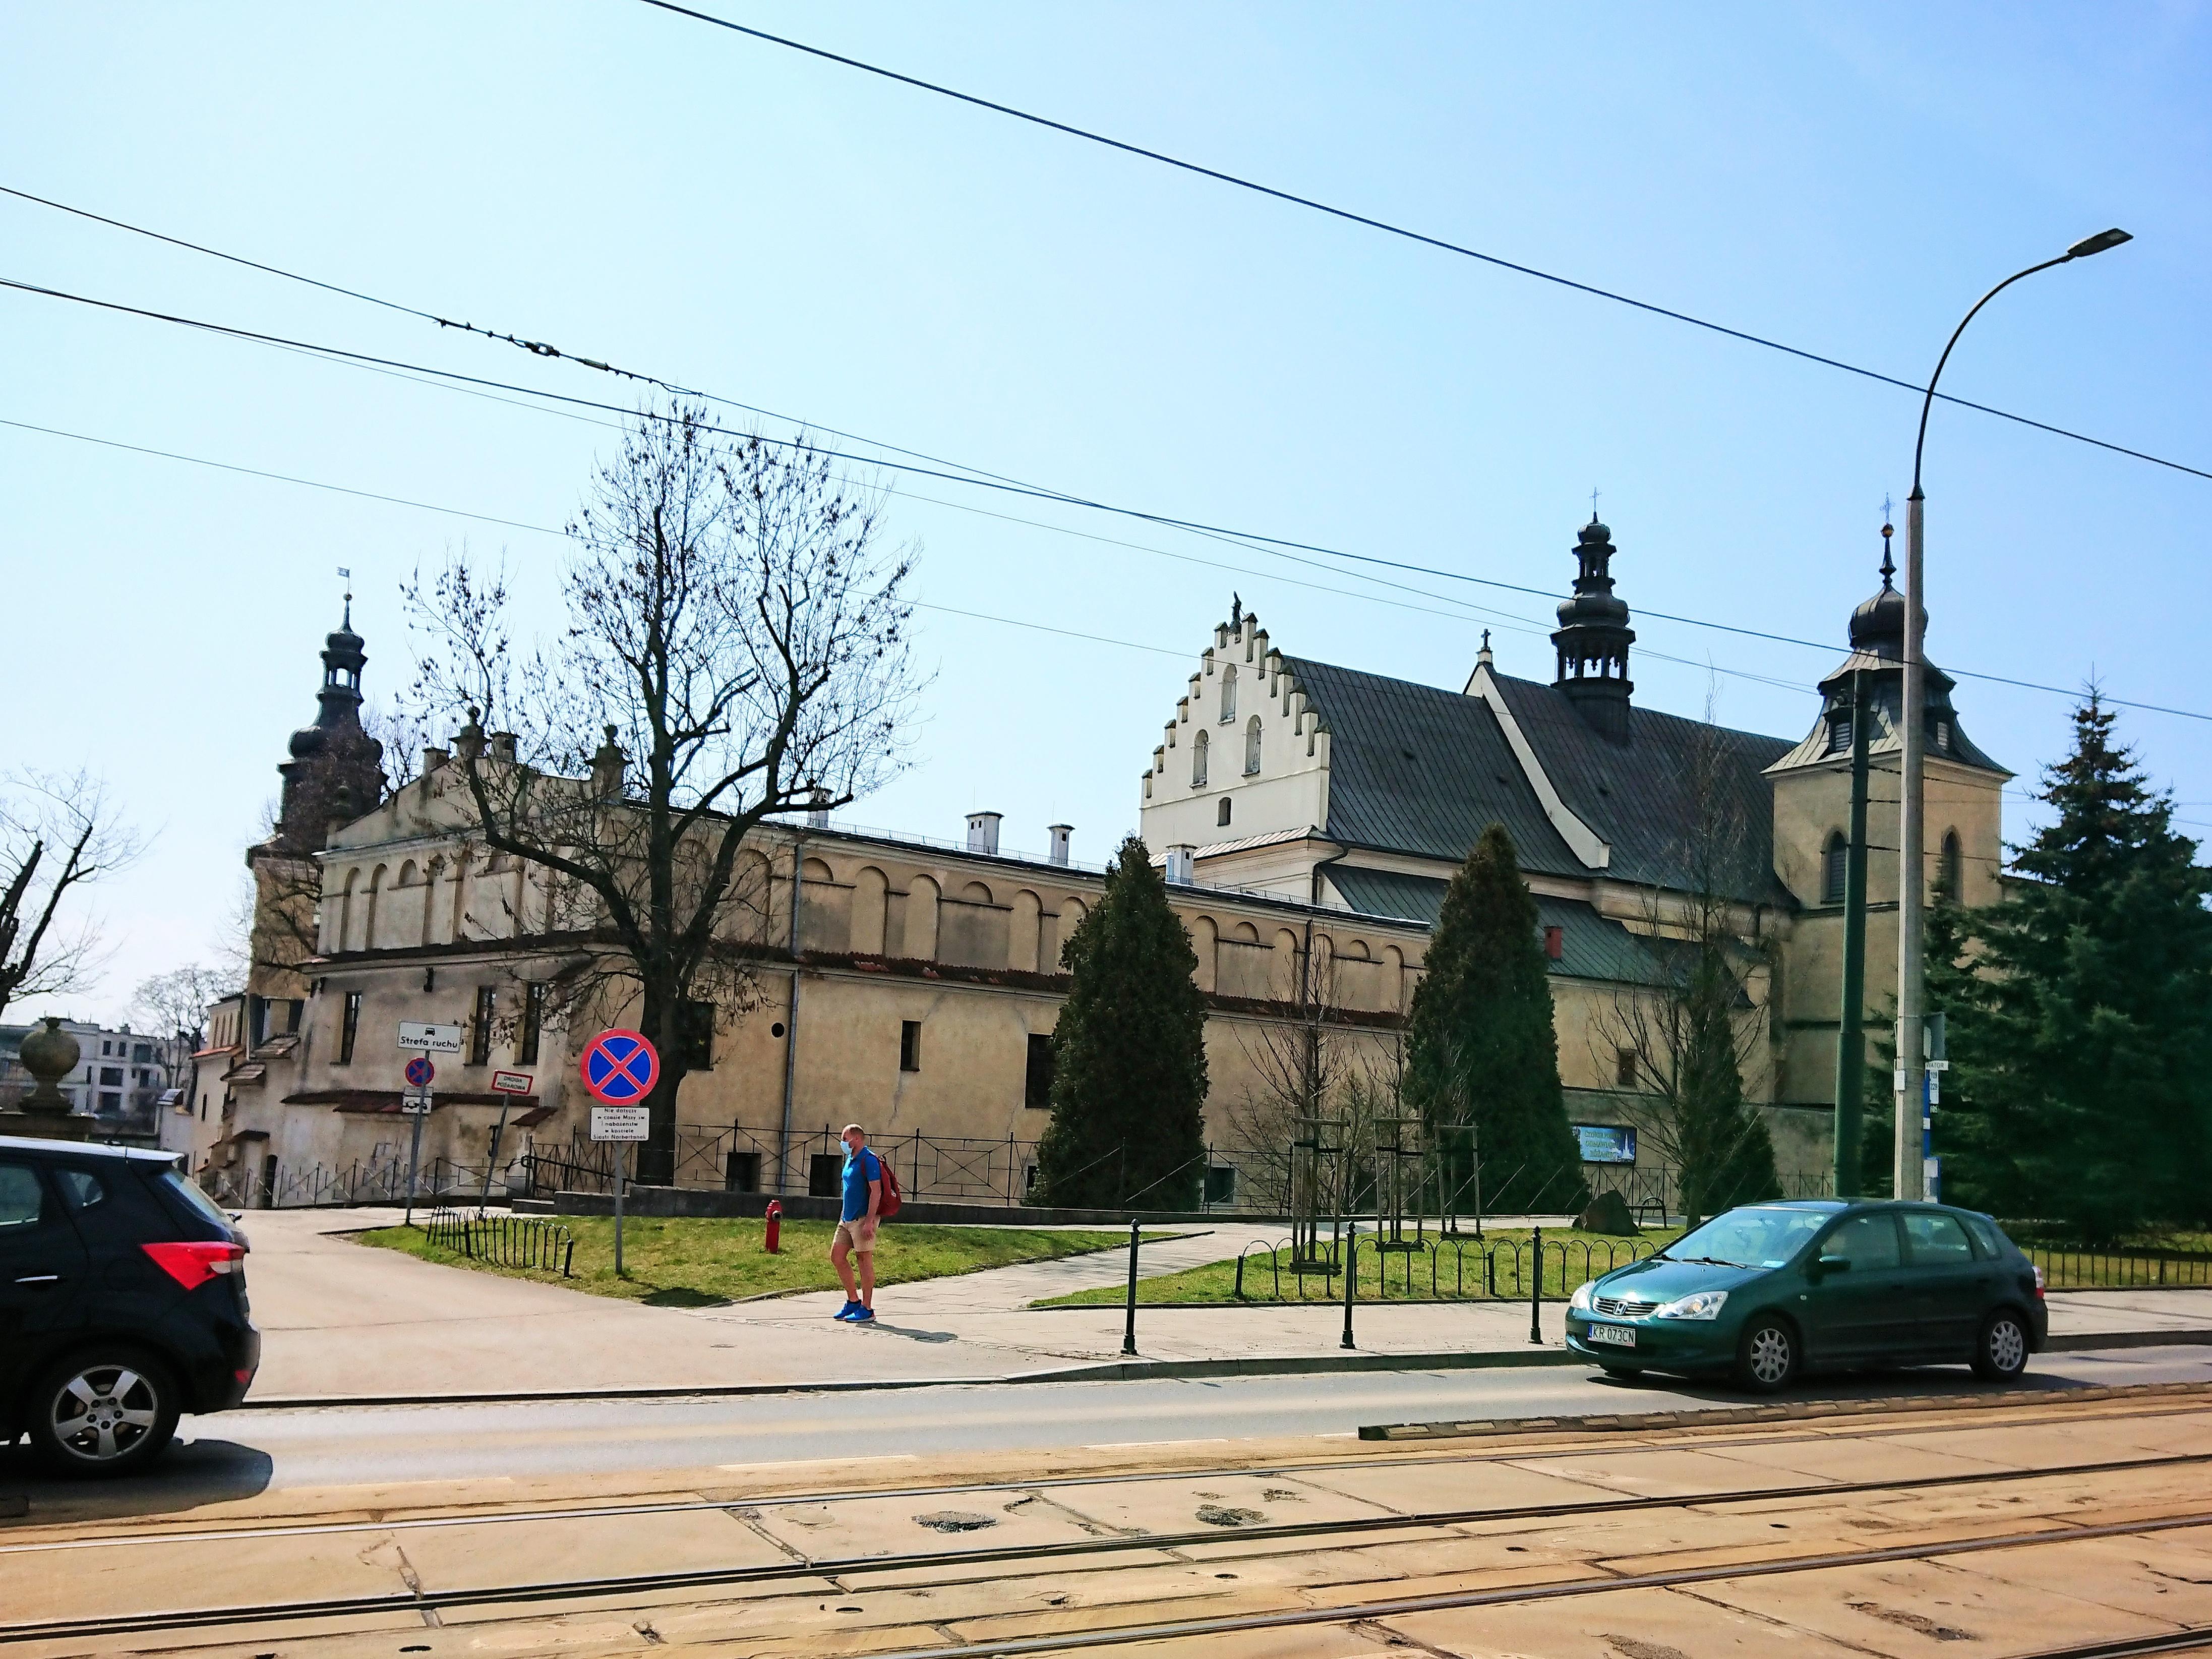 Widok na klasztor Norbertanek na krakowskim Salwatorze, źródło: archiwum autorki